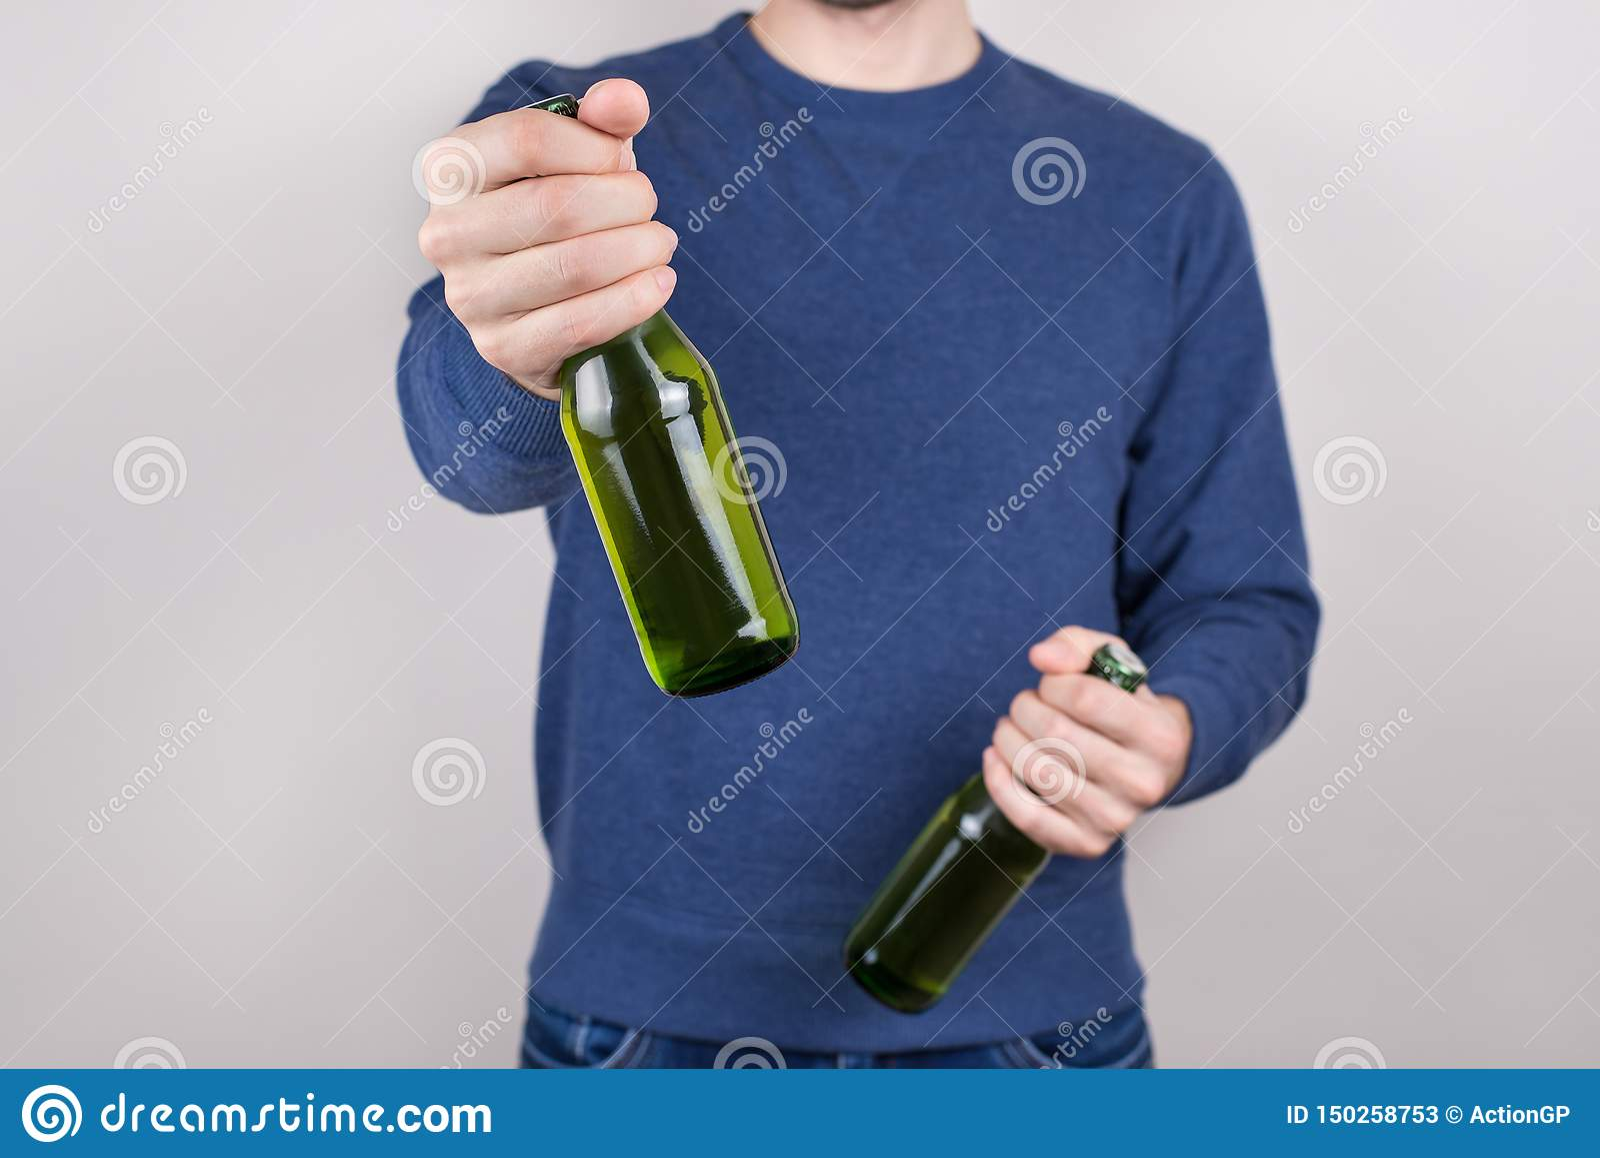 圣帕特里克天概念 醉酒的英俊的正面人藏品瓶播种的特写镜头照片鲜美新鲜的啤酒在手中